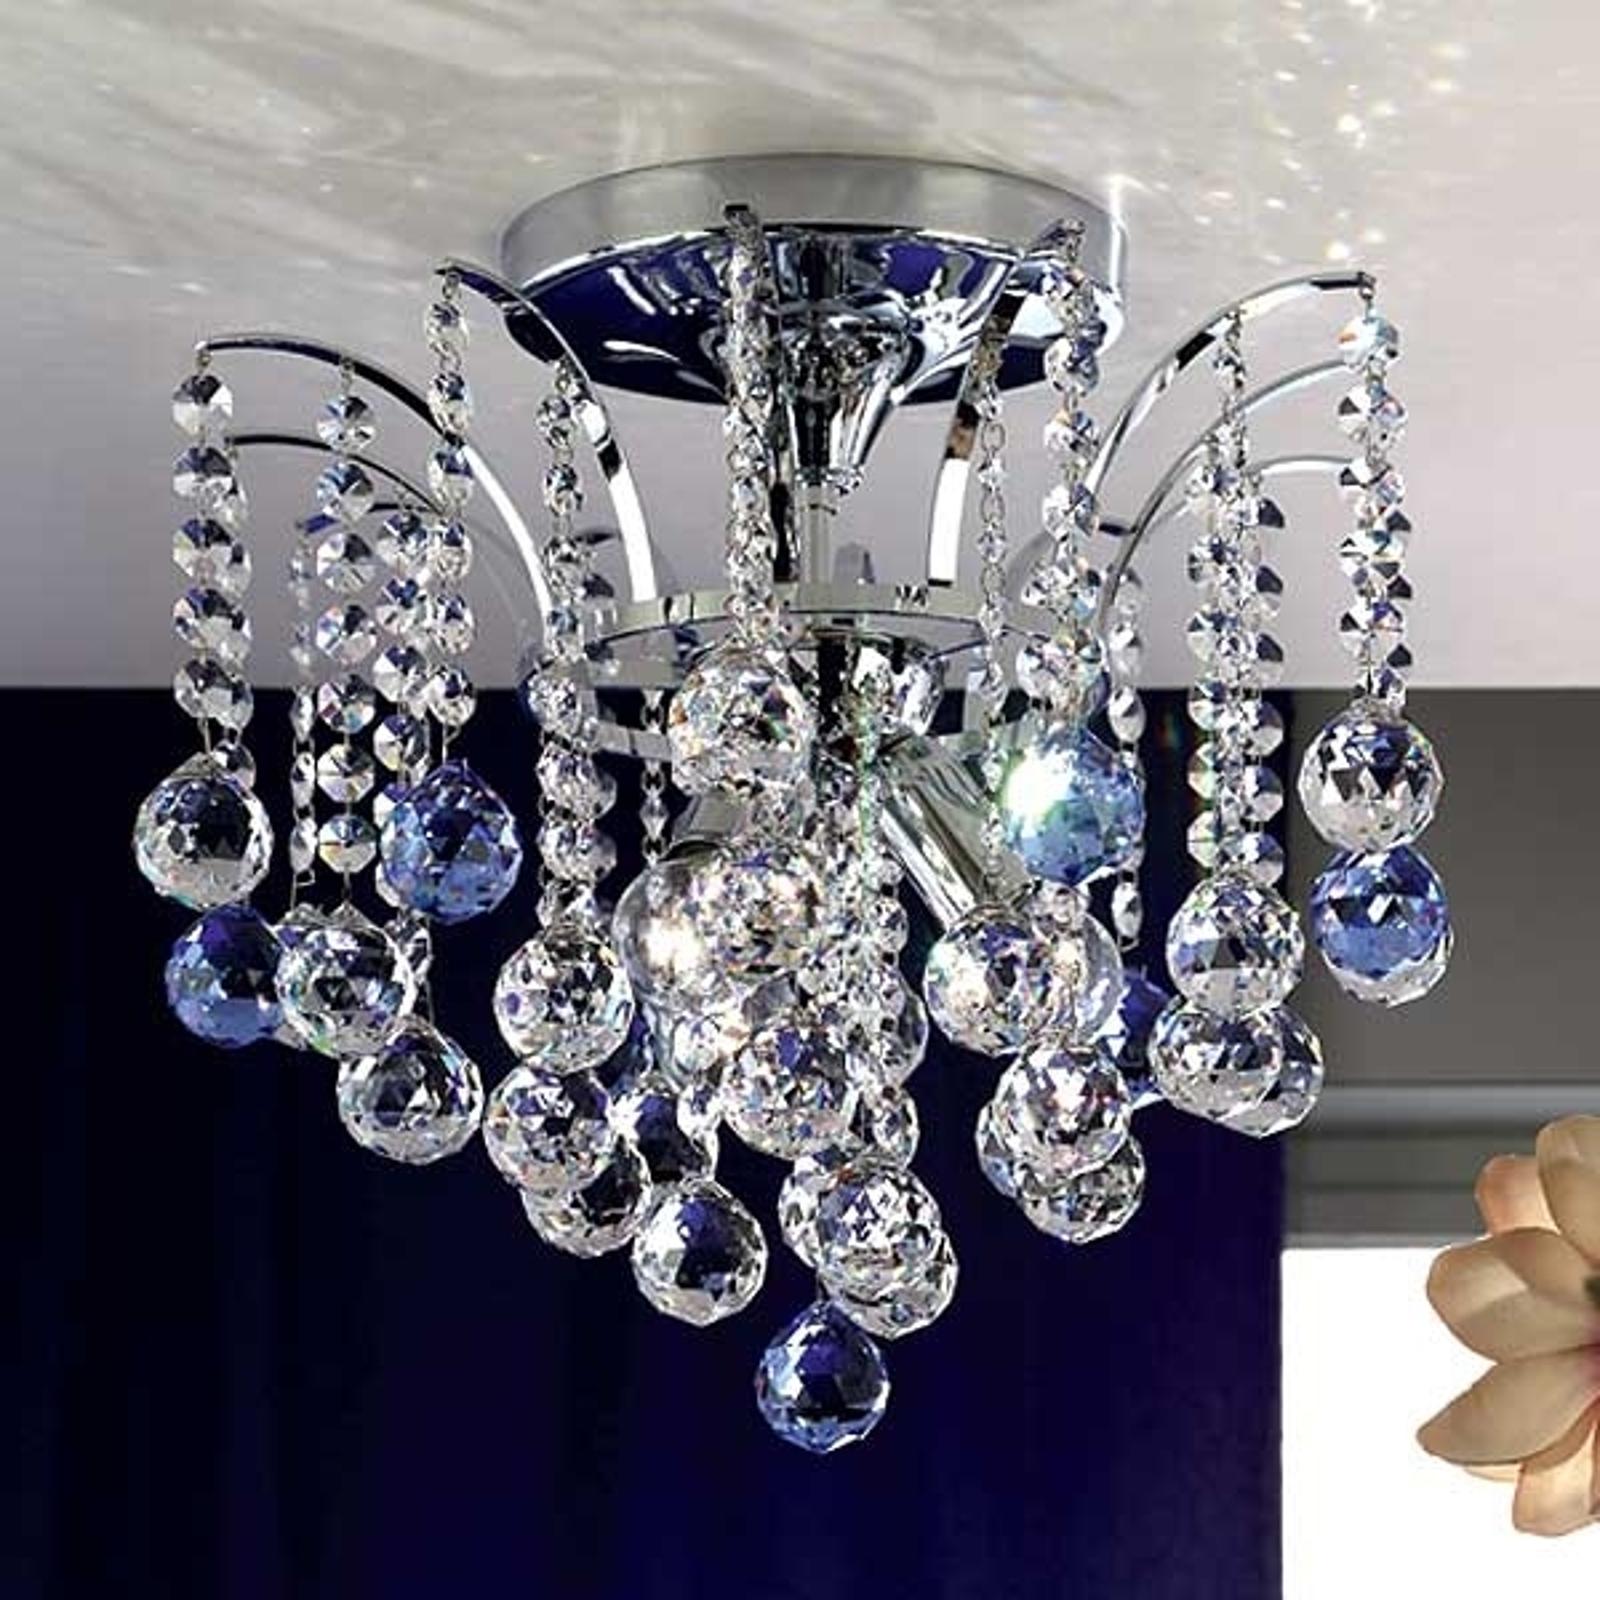 Glitrende LENNARDA krystalltaklampe 42 cm